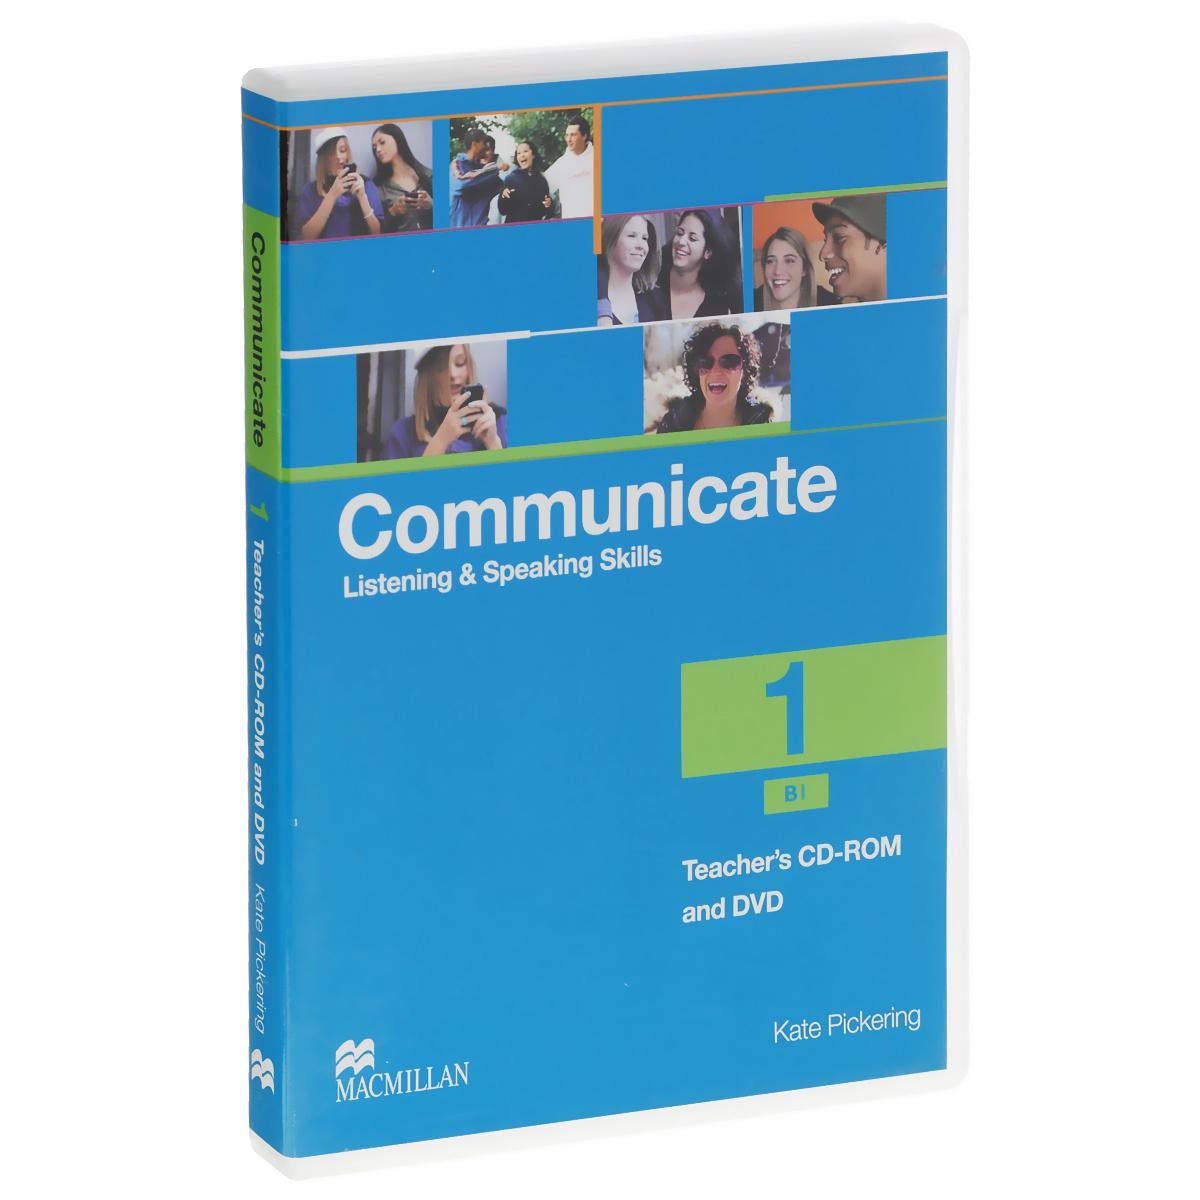 Communicate 1: Listening & Speaking Skills B1: Teacher's CD-ROM and DVD   Пикеринг Кейт #1